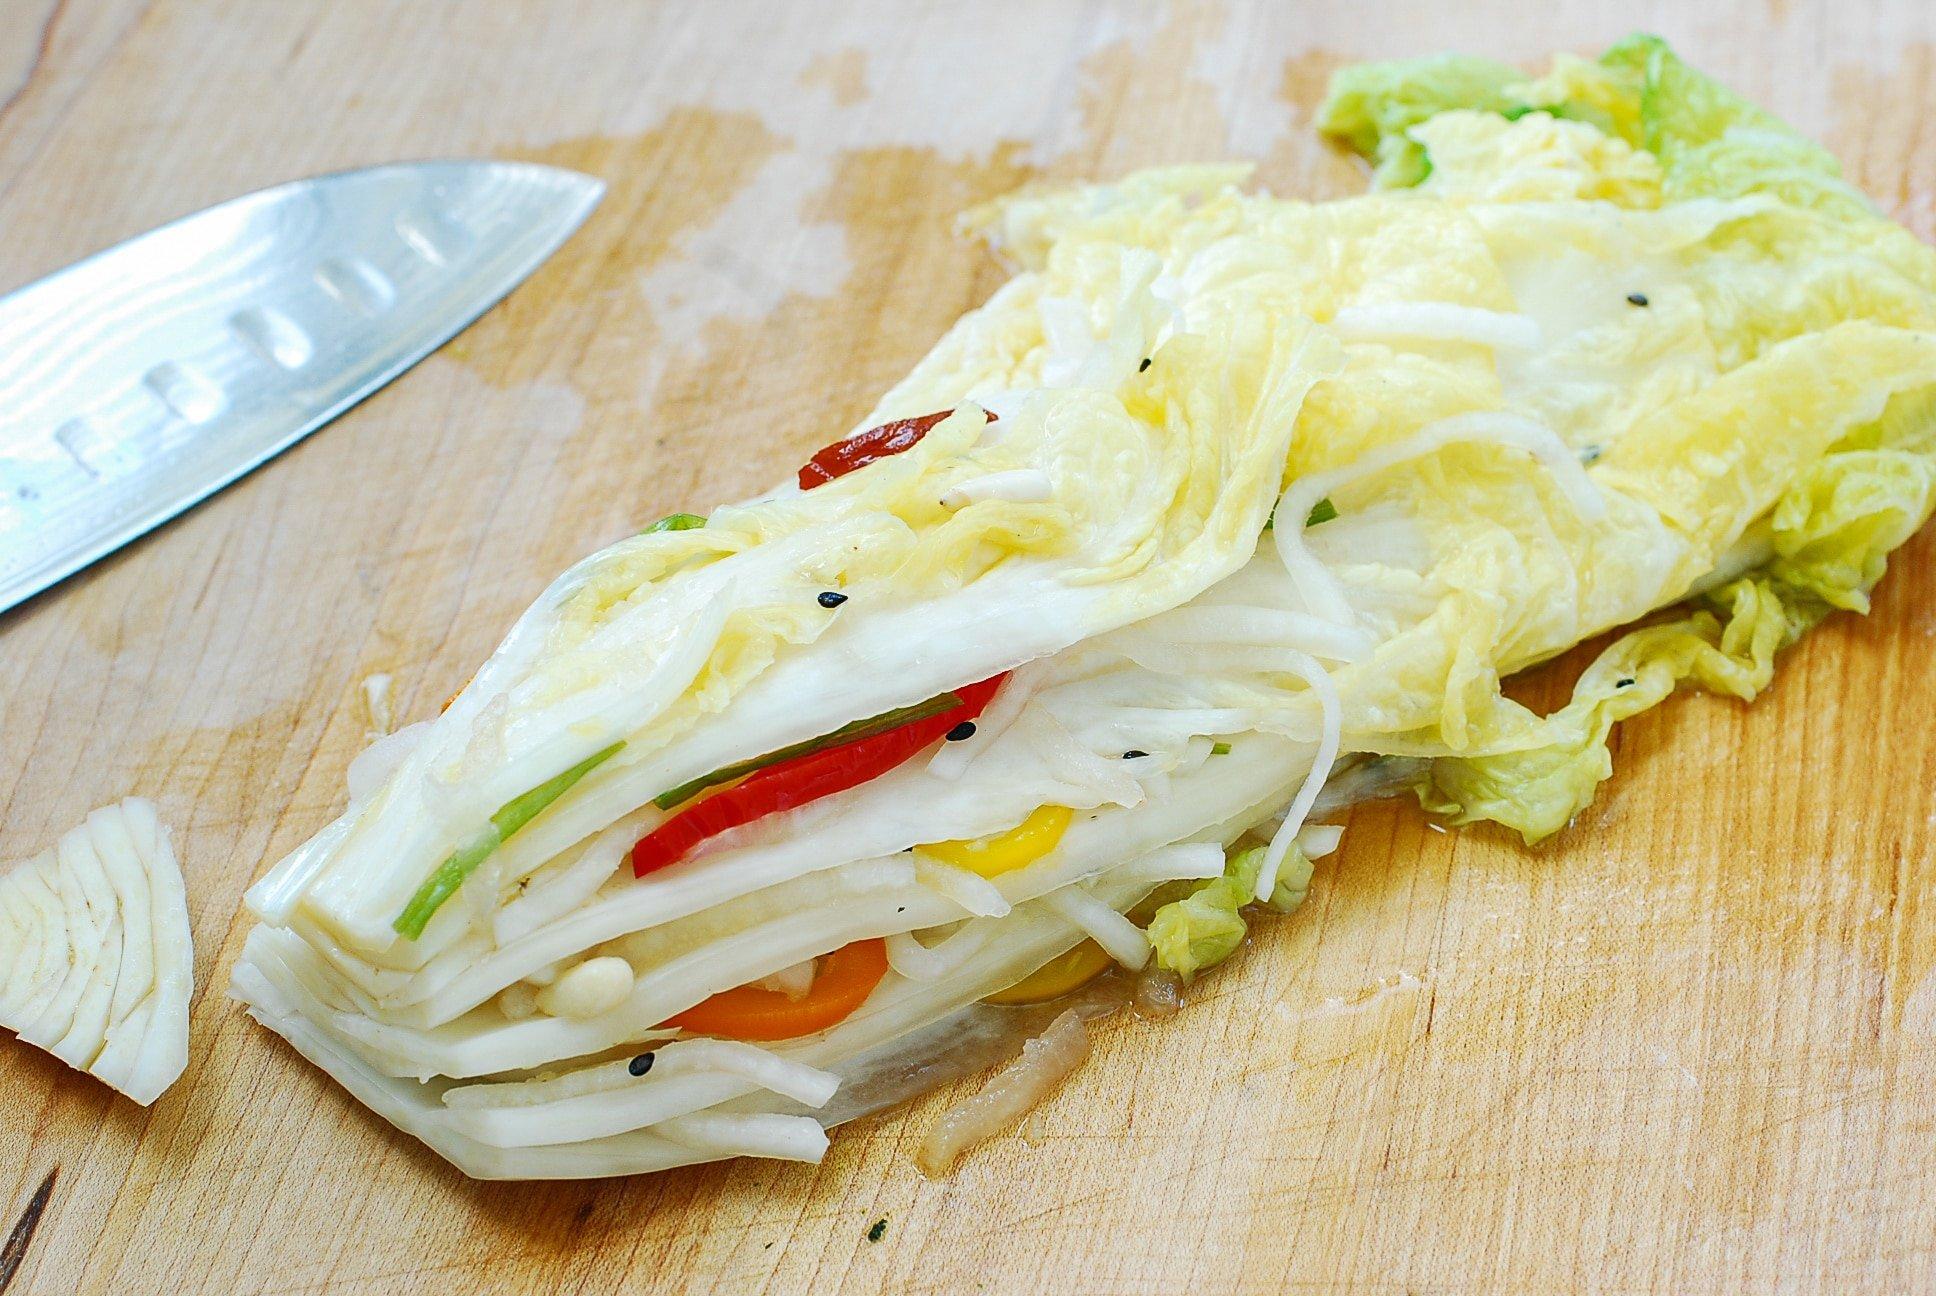 DSC 2938 1 - Baek Kimchi (White Kimchi)